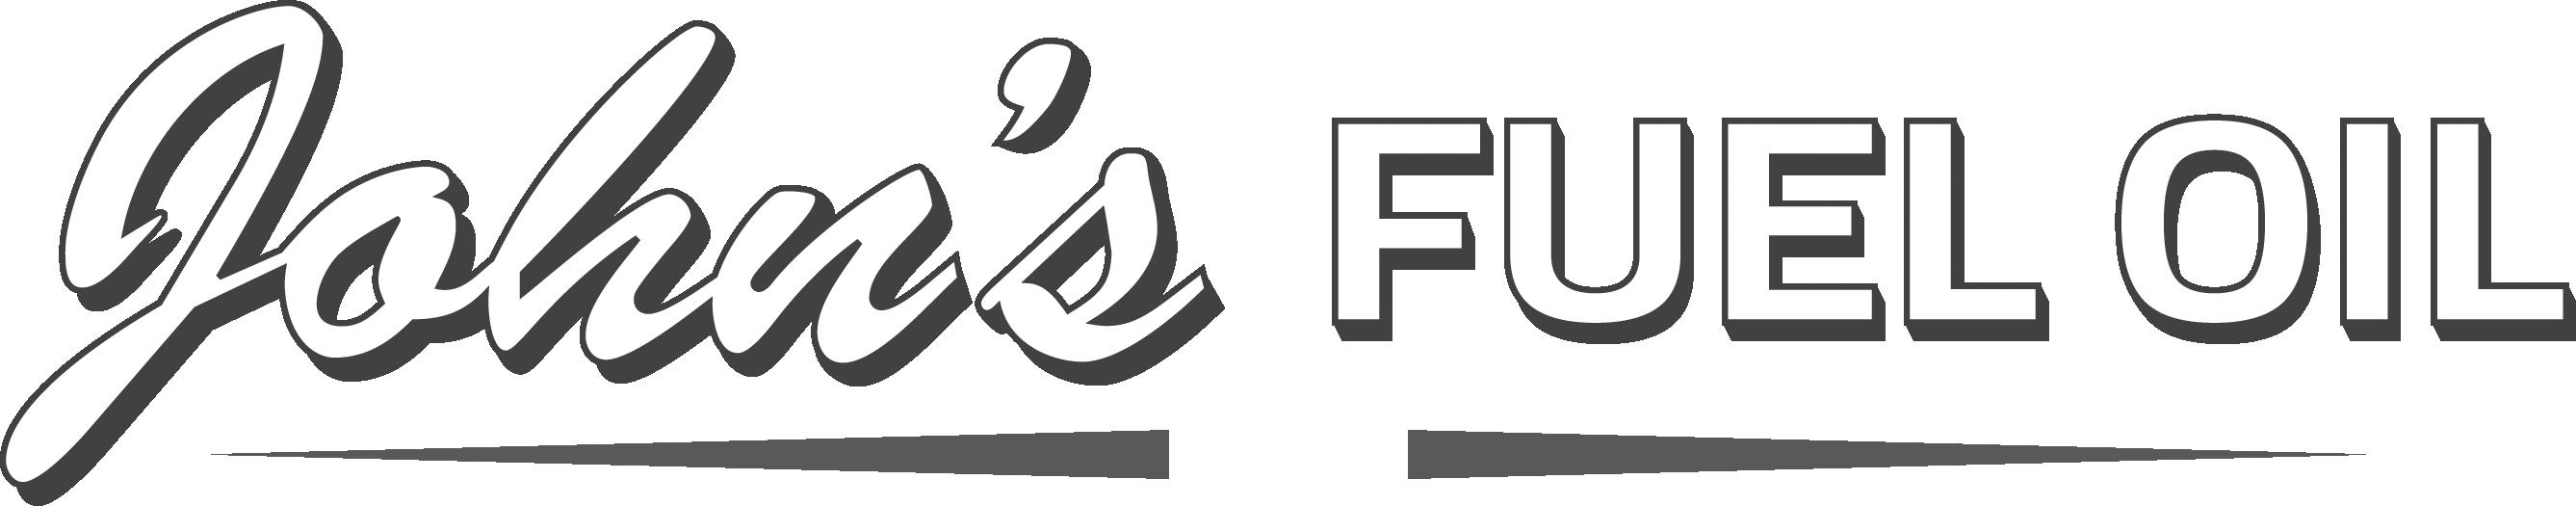 John's Fuel Stock Family